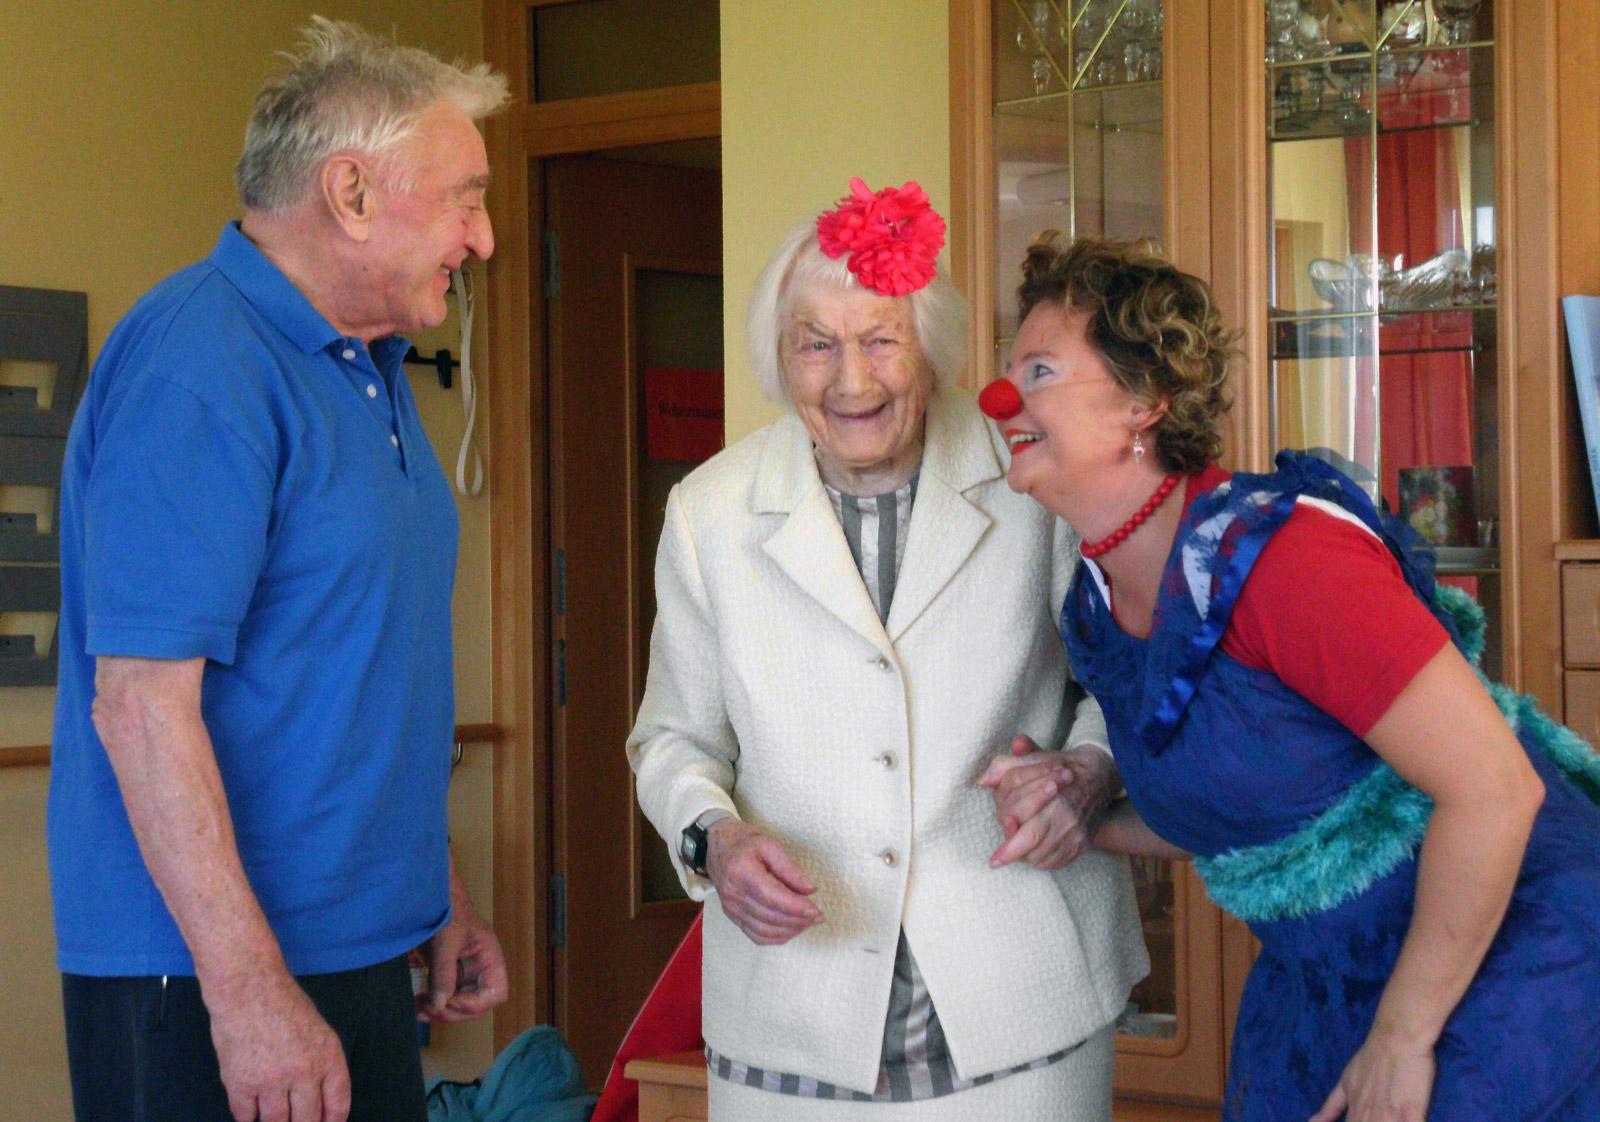 klinikclowns-seniorenheim-august-2011-12